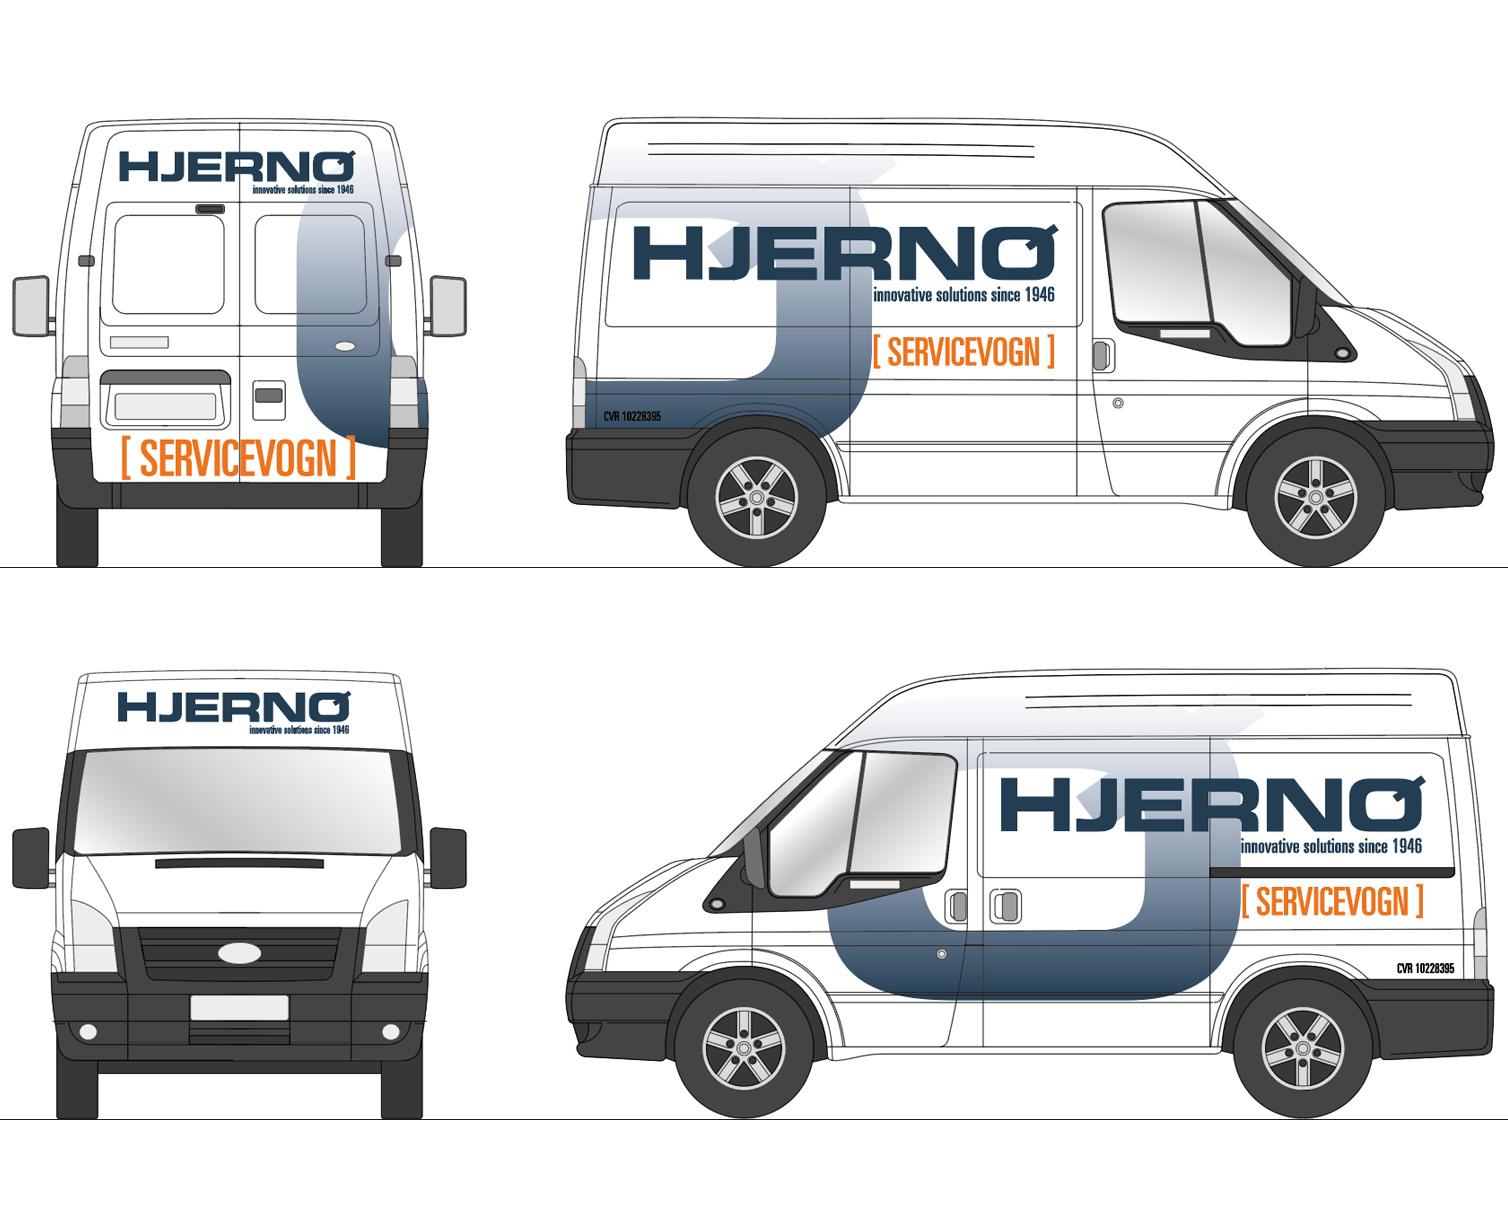 Hjerno-01NY